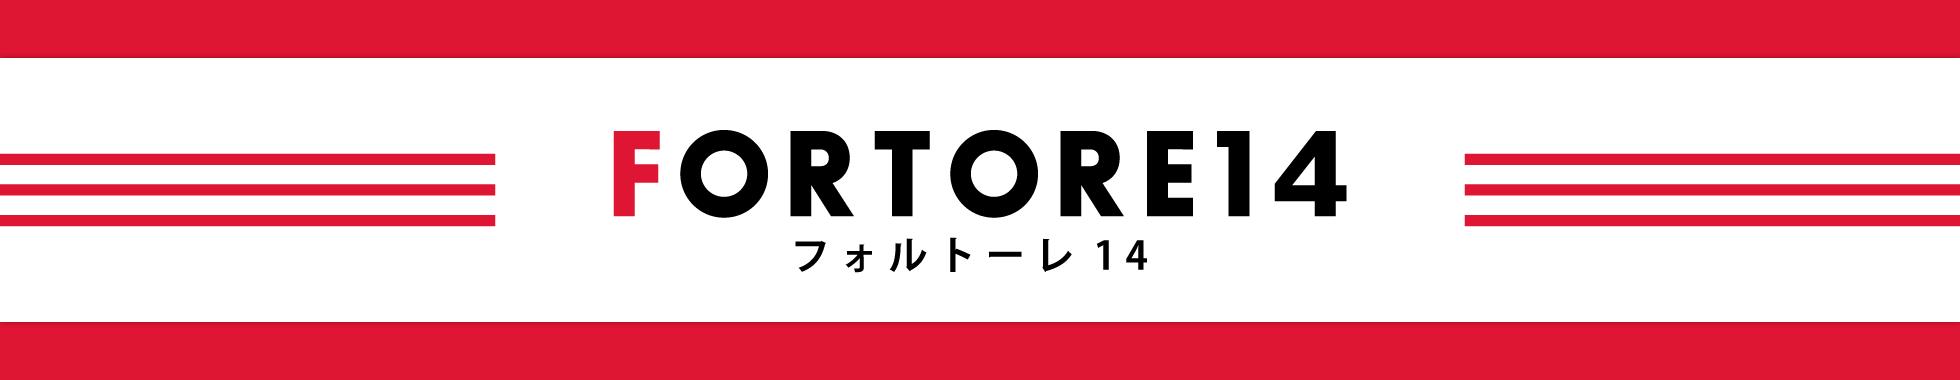 FORTORE14